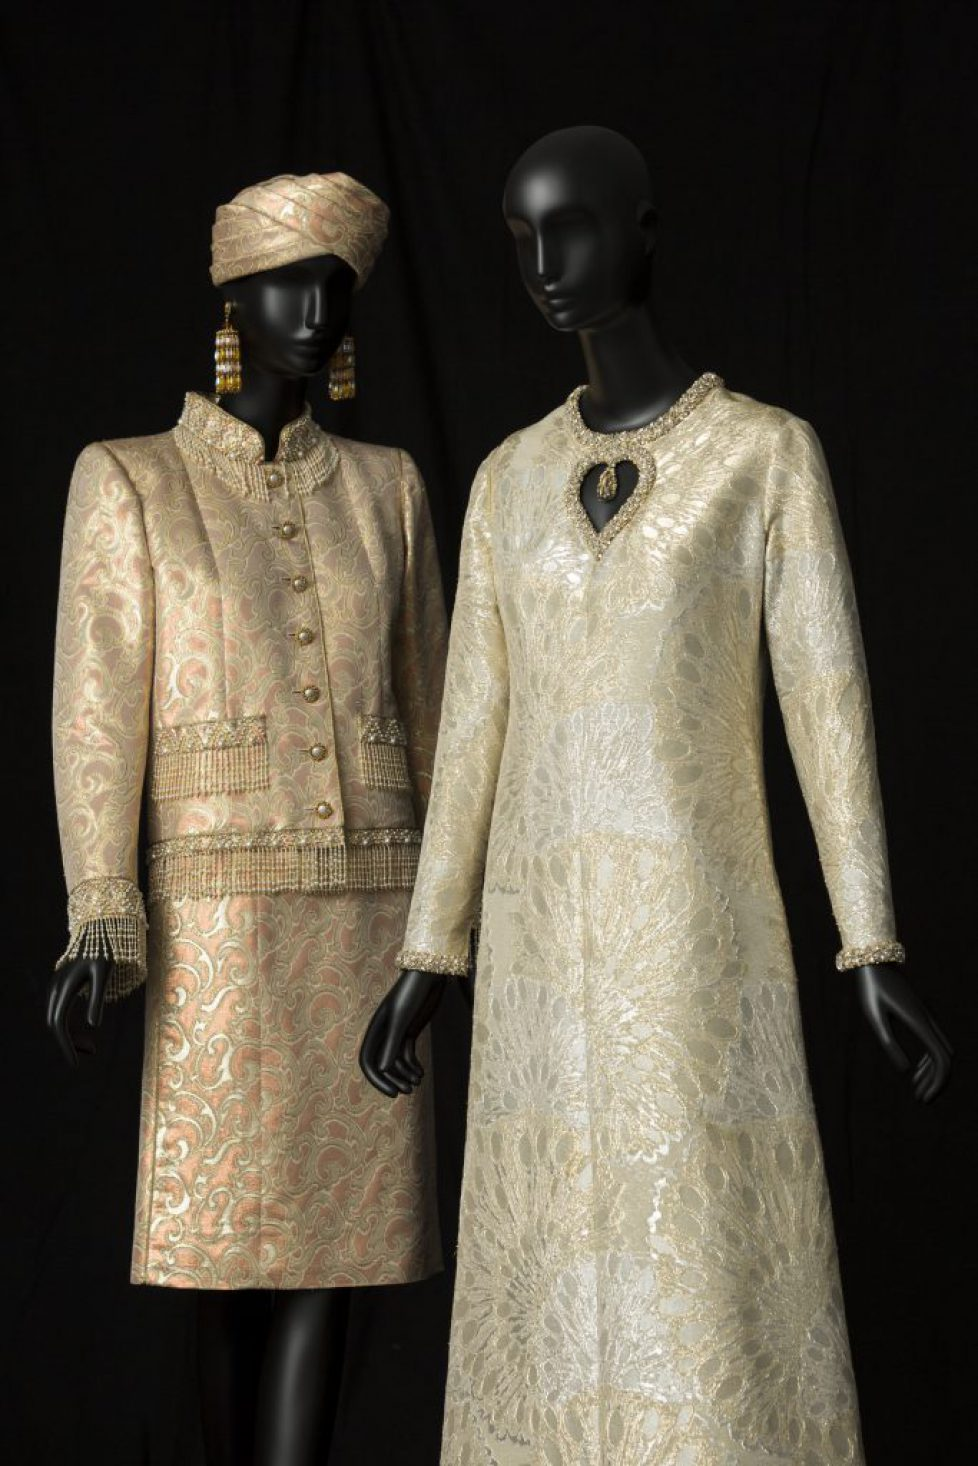 05 - Tailleur de soir court, collection haute couture printemps - été 1982 et Robe de soir long, collection haute%